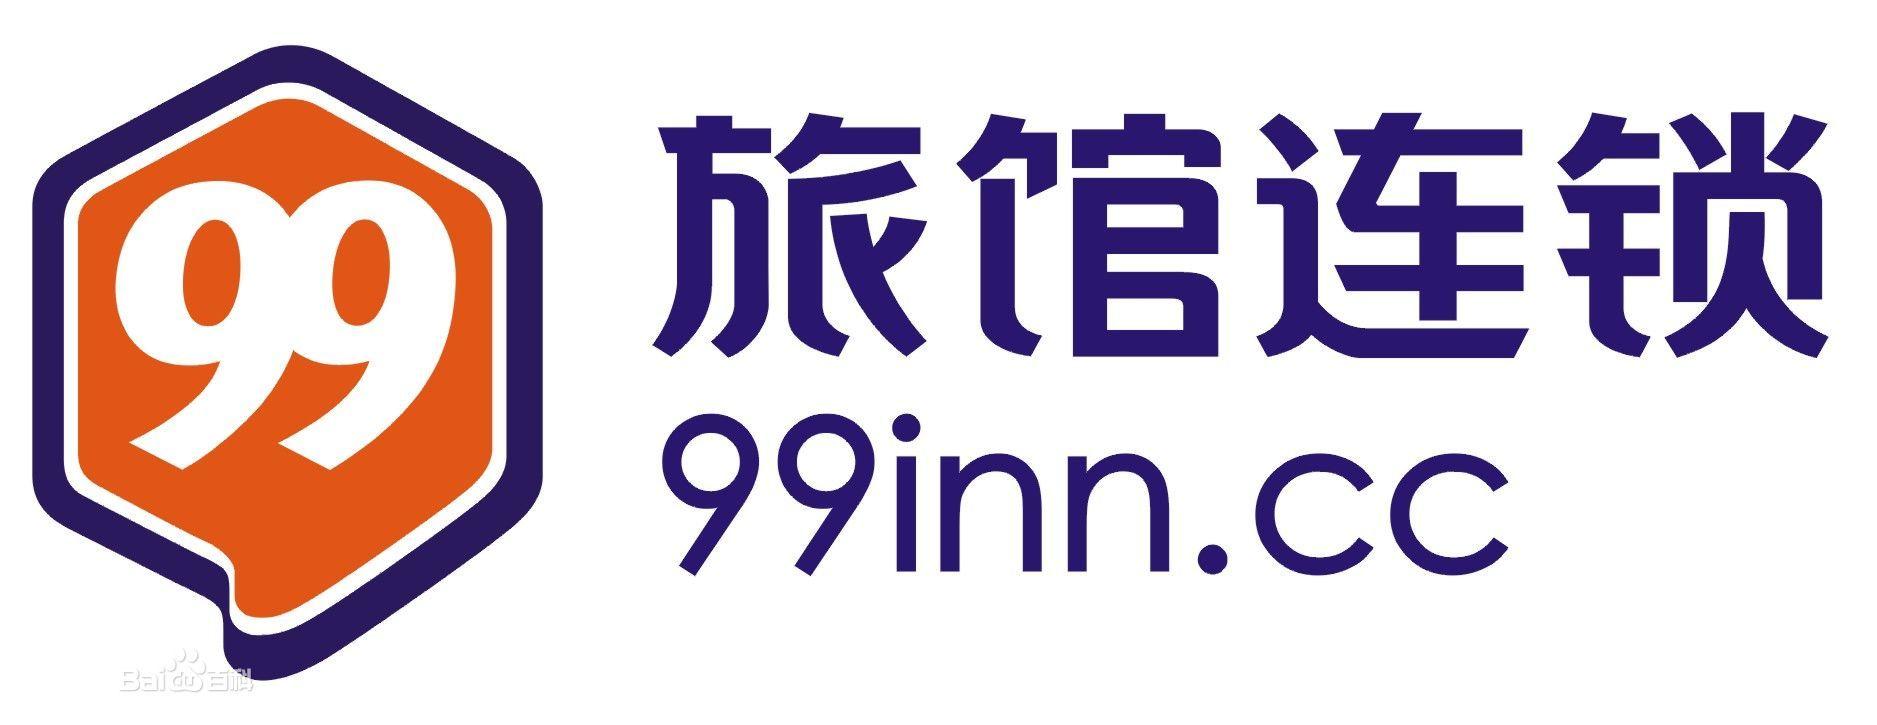 99彩官网地址_99连锁酒店